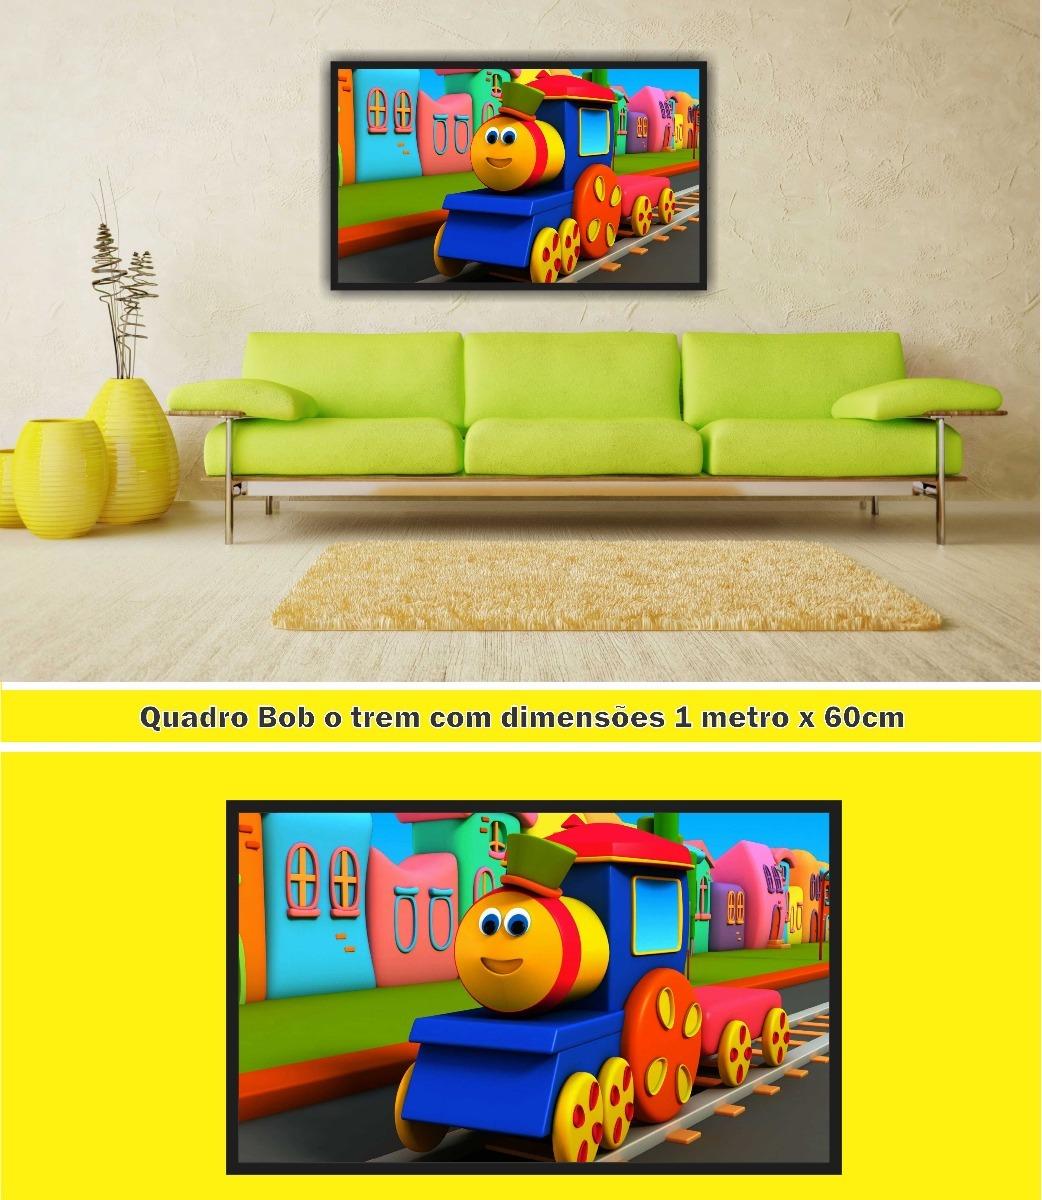 Quadro Decorativo Bob O Trem Desenho Infantil R 289 90 Em